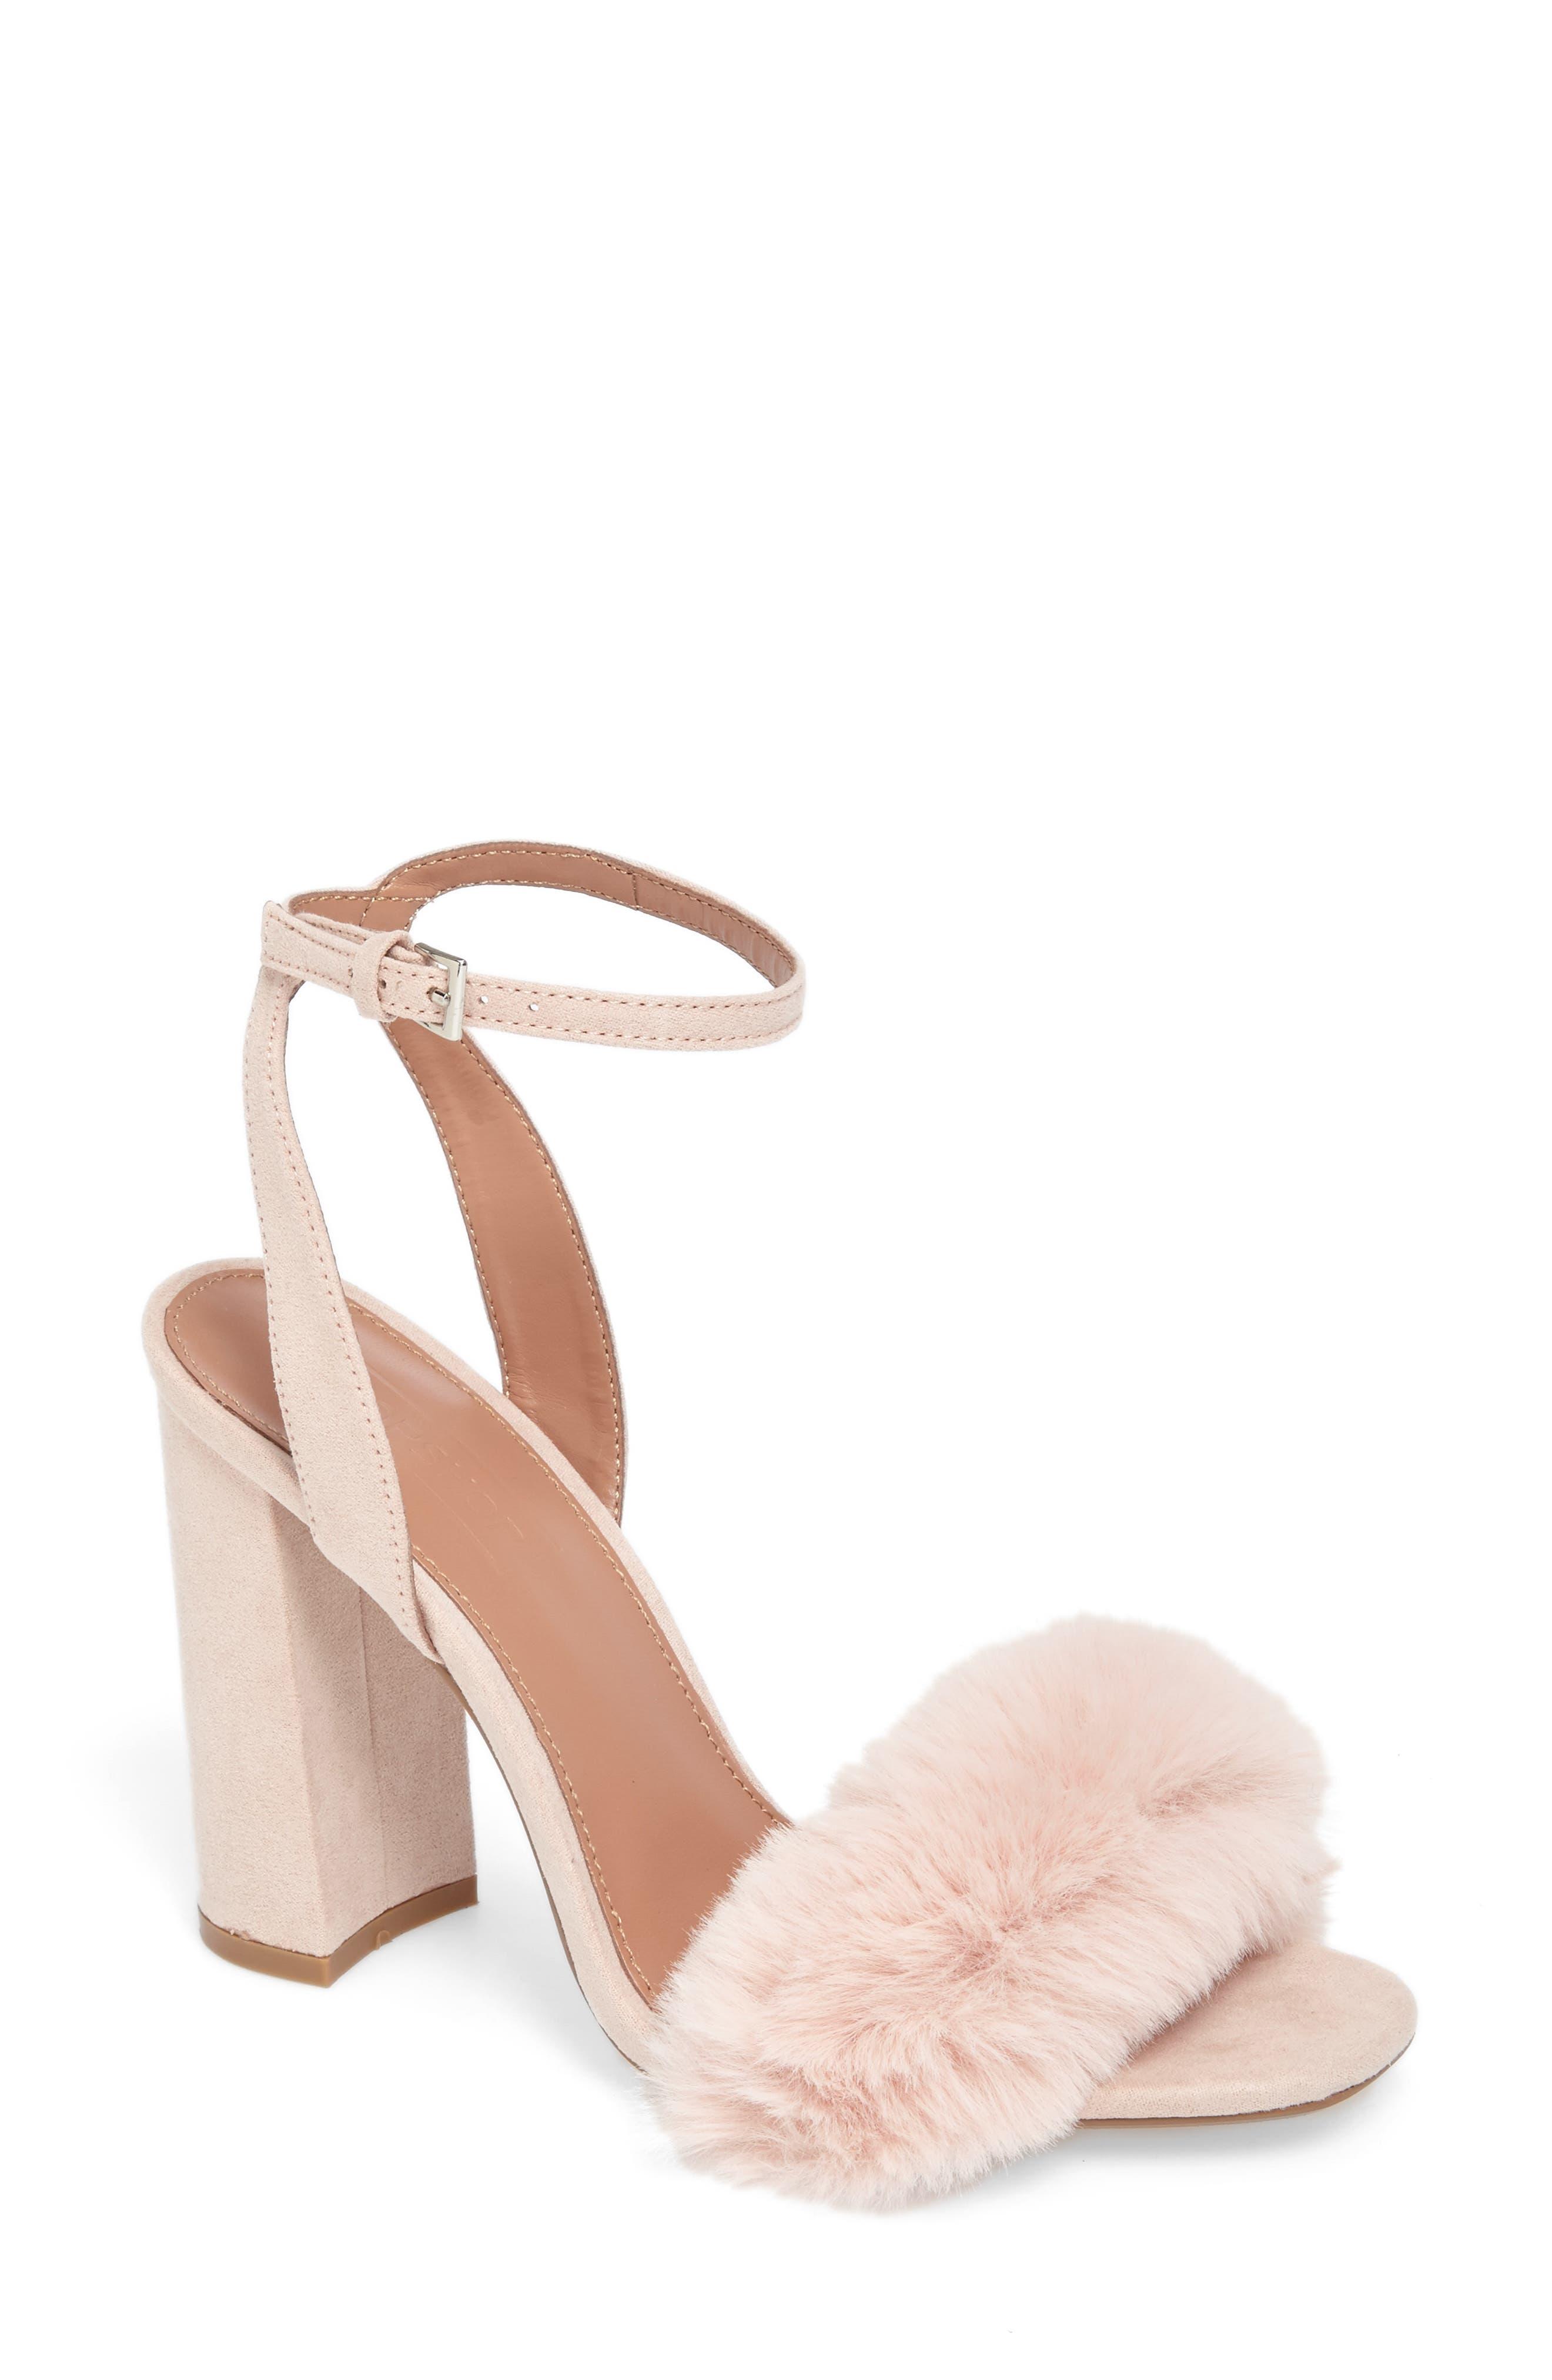 Maison Faux Fur Block Heel Sandal,                         Main,                         color, 250